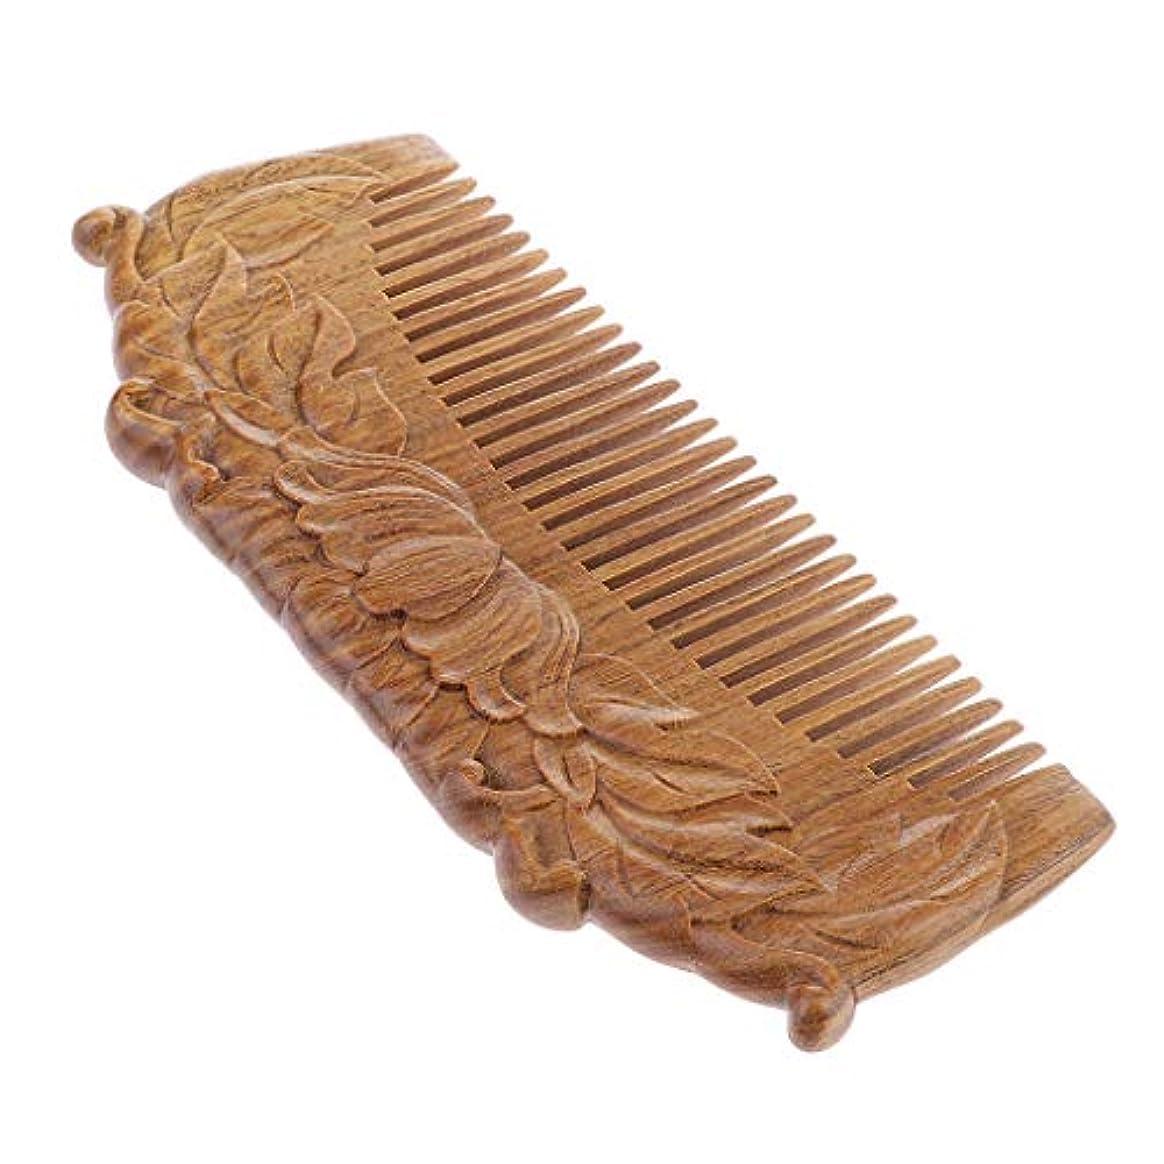 評価する思春期土曜日F Fityle ウッドコーム 木製櫛 高品質 手作り 天然木 帯電防止櫛 頭皮マッサージ ヘアブラシ